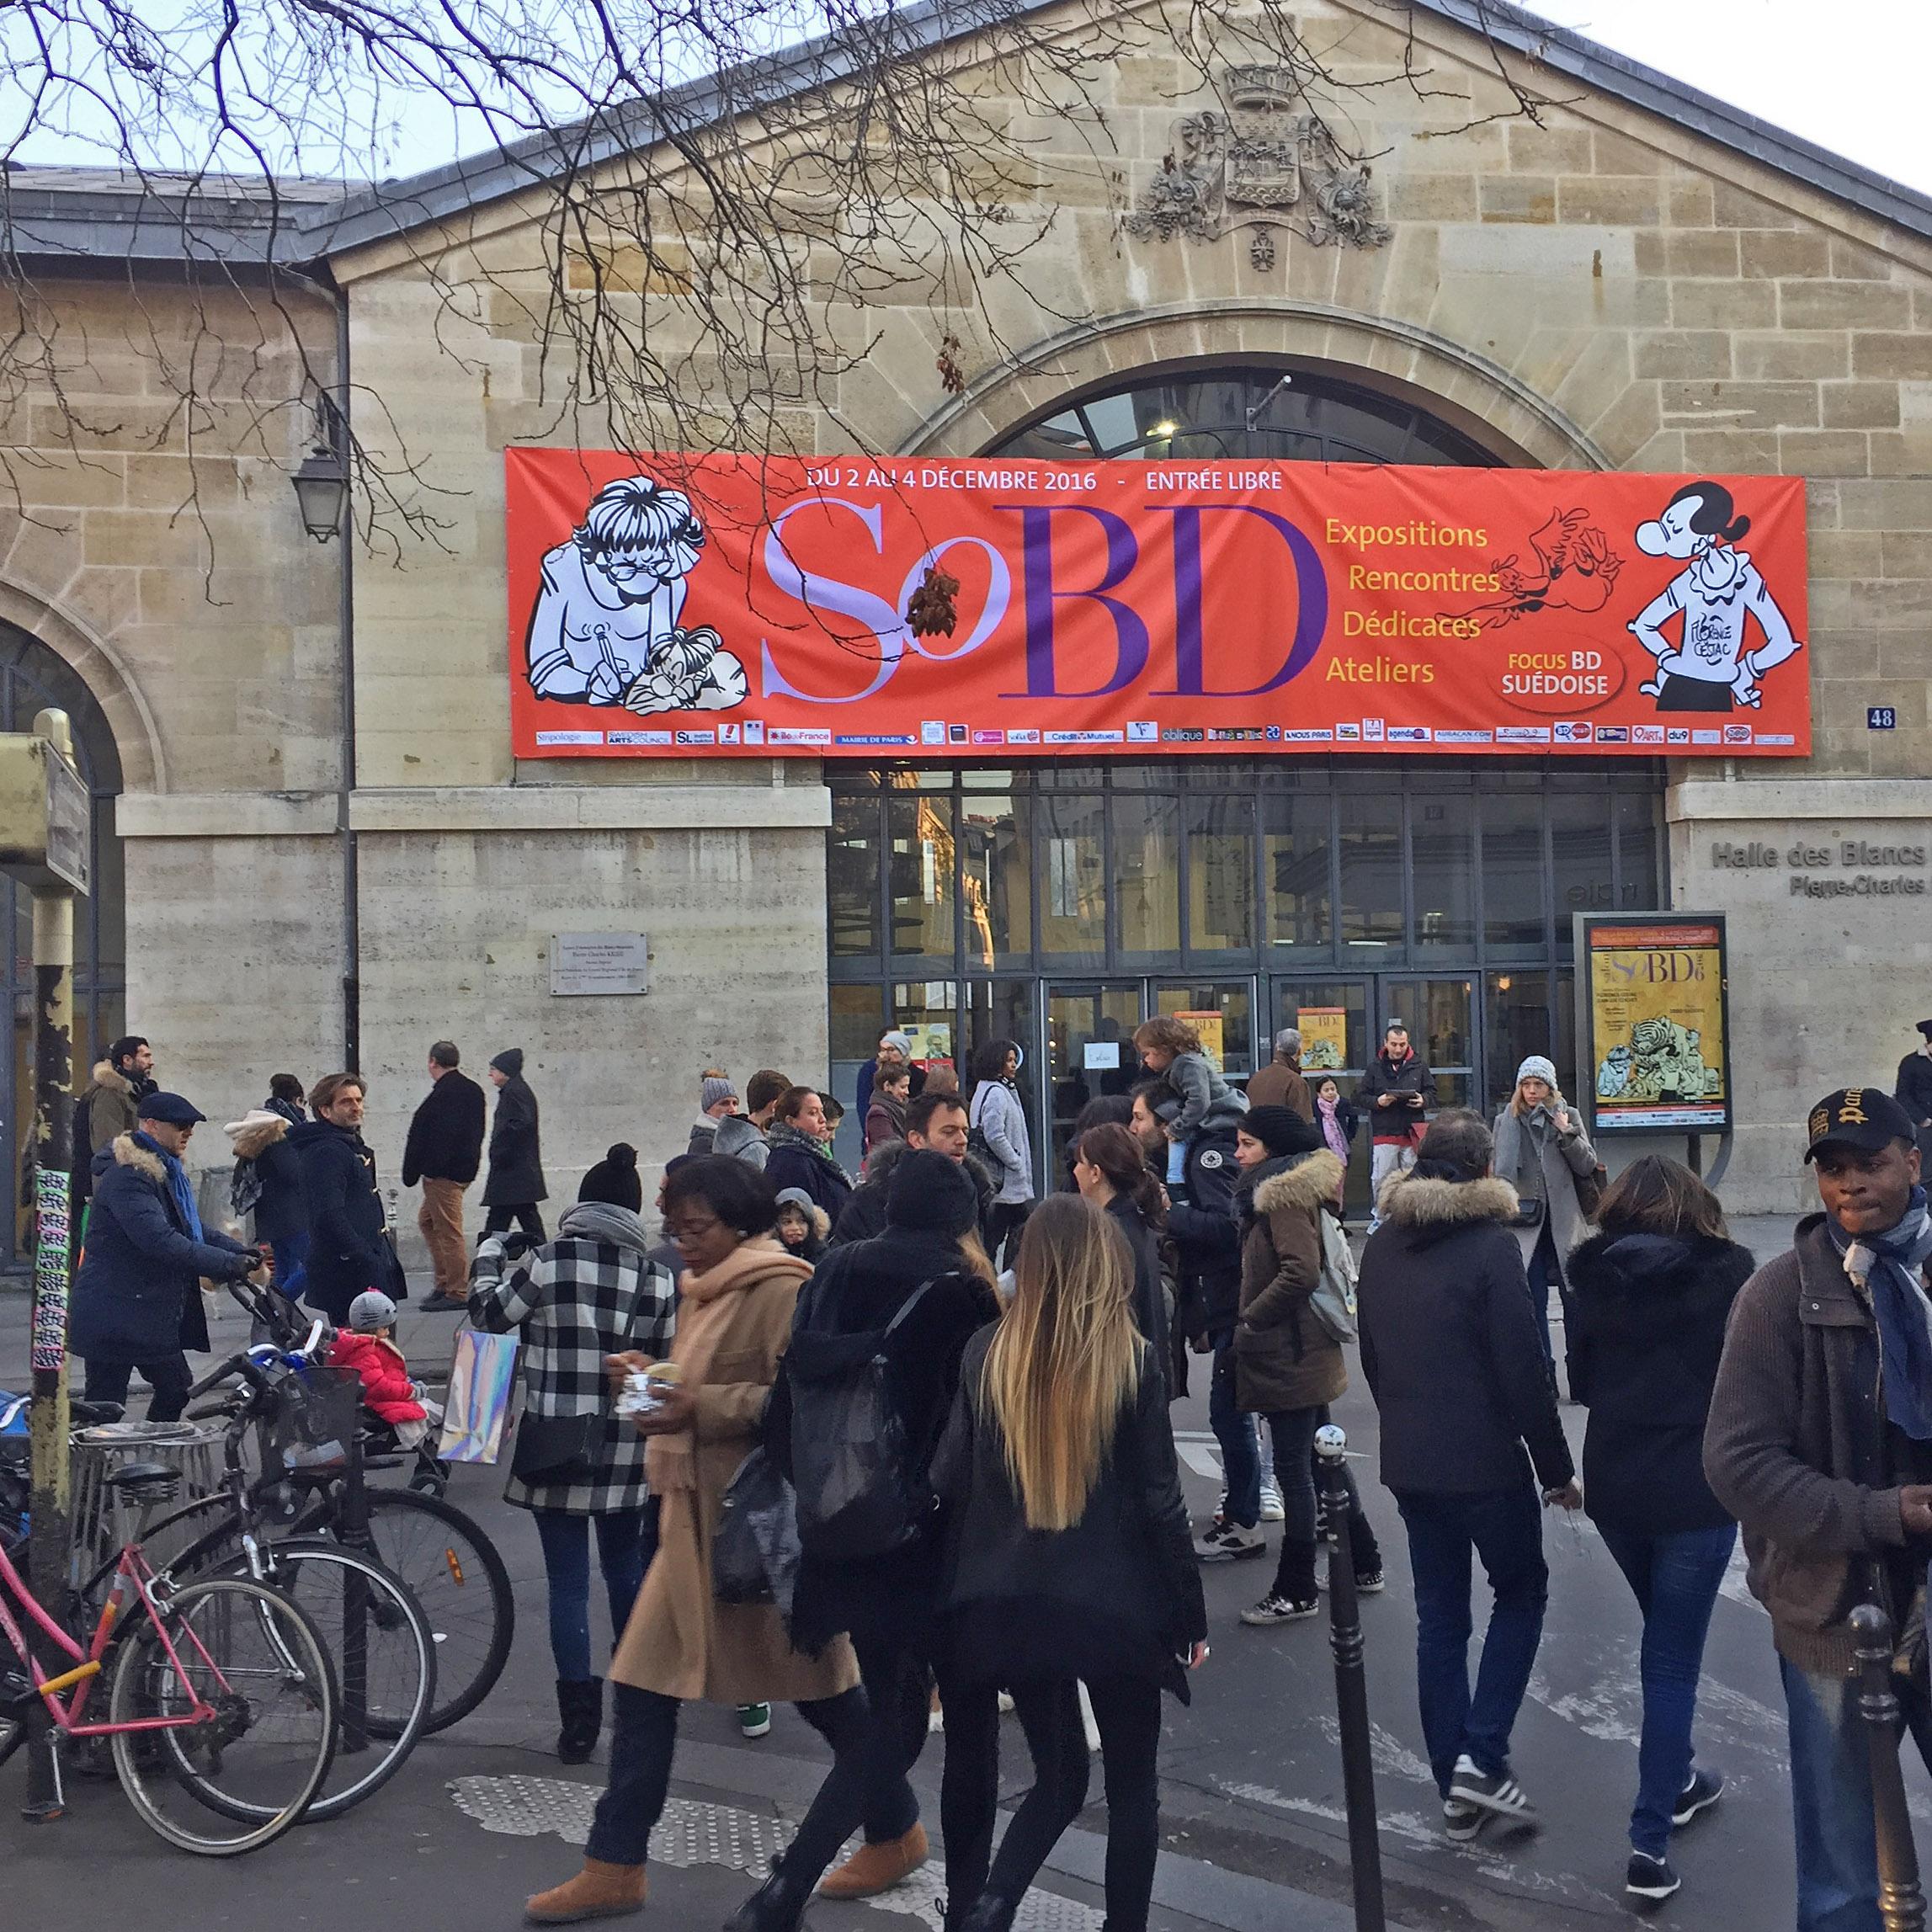 Le SoBD 2016, vue de l'extérieur